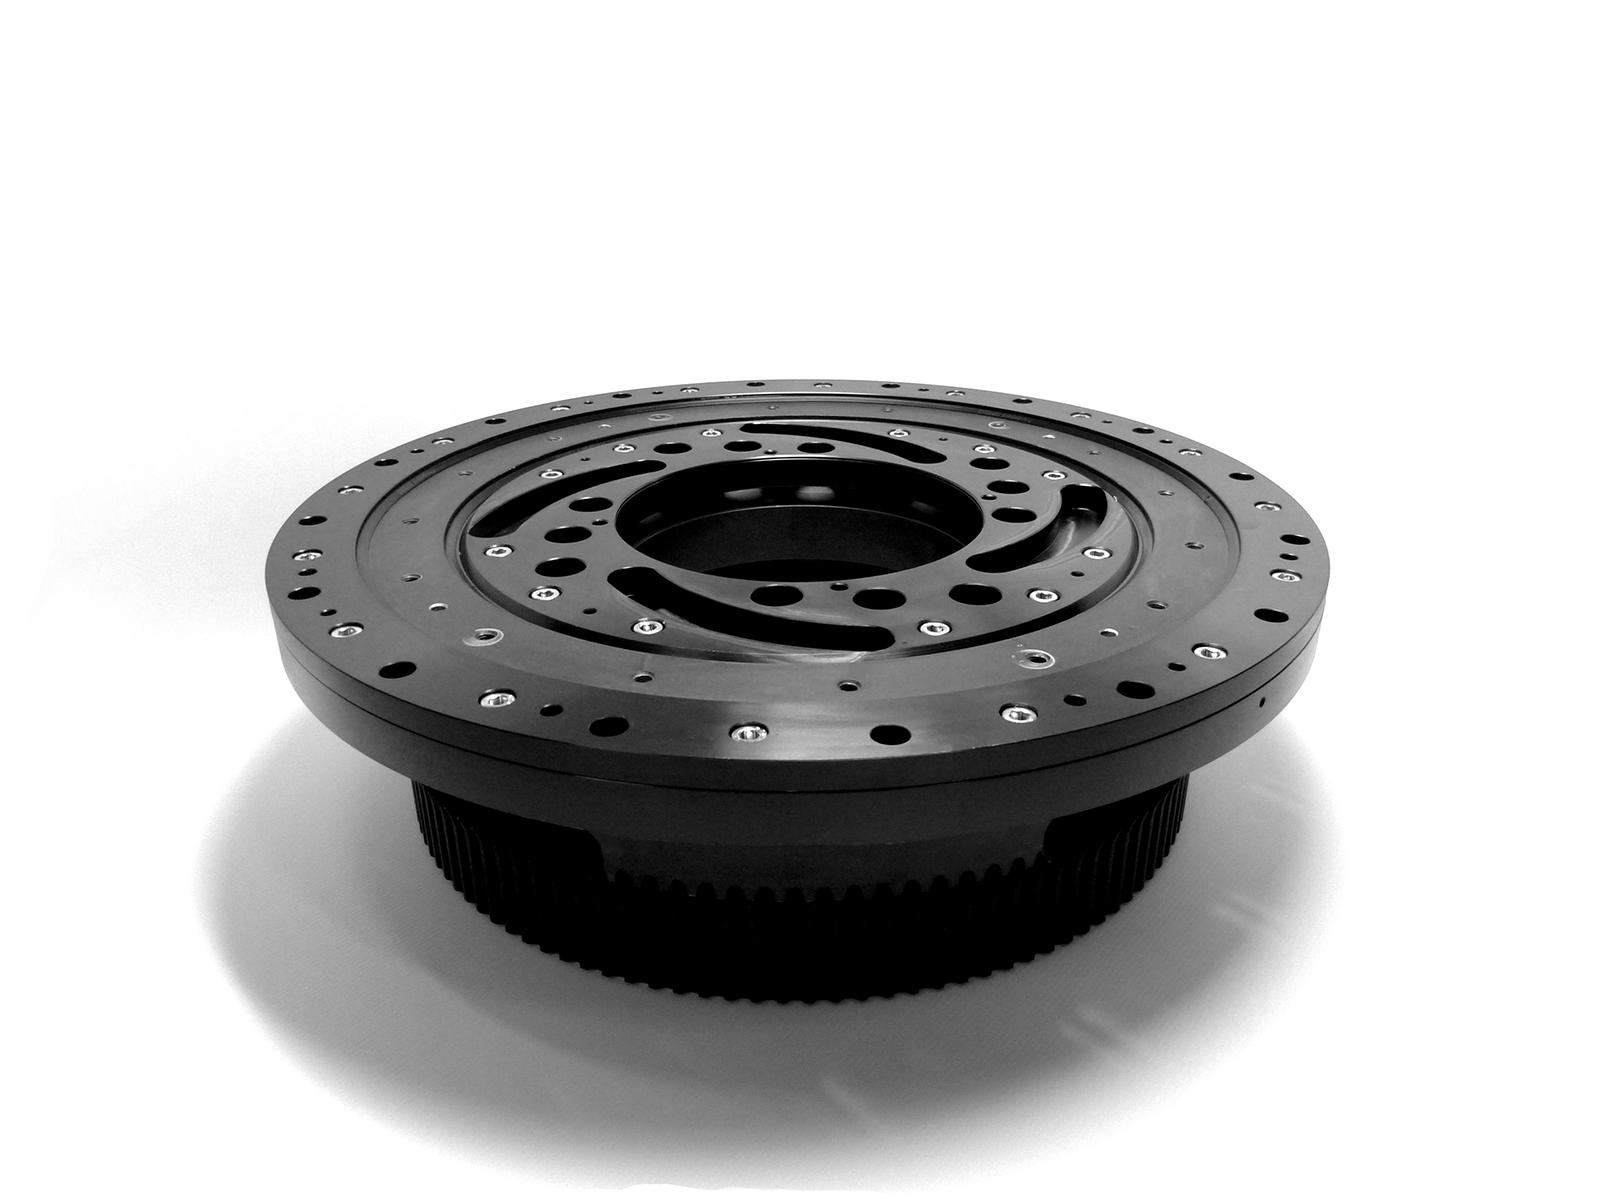 Mandrino utilizzato su macchine per il taglio tubo con laser dove le parti rotanti sono in alluminio e quelle fisse in acciaio C45